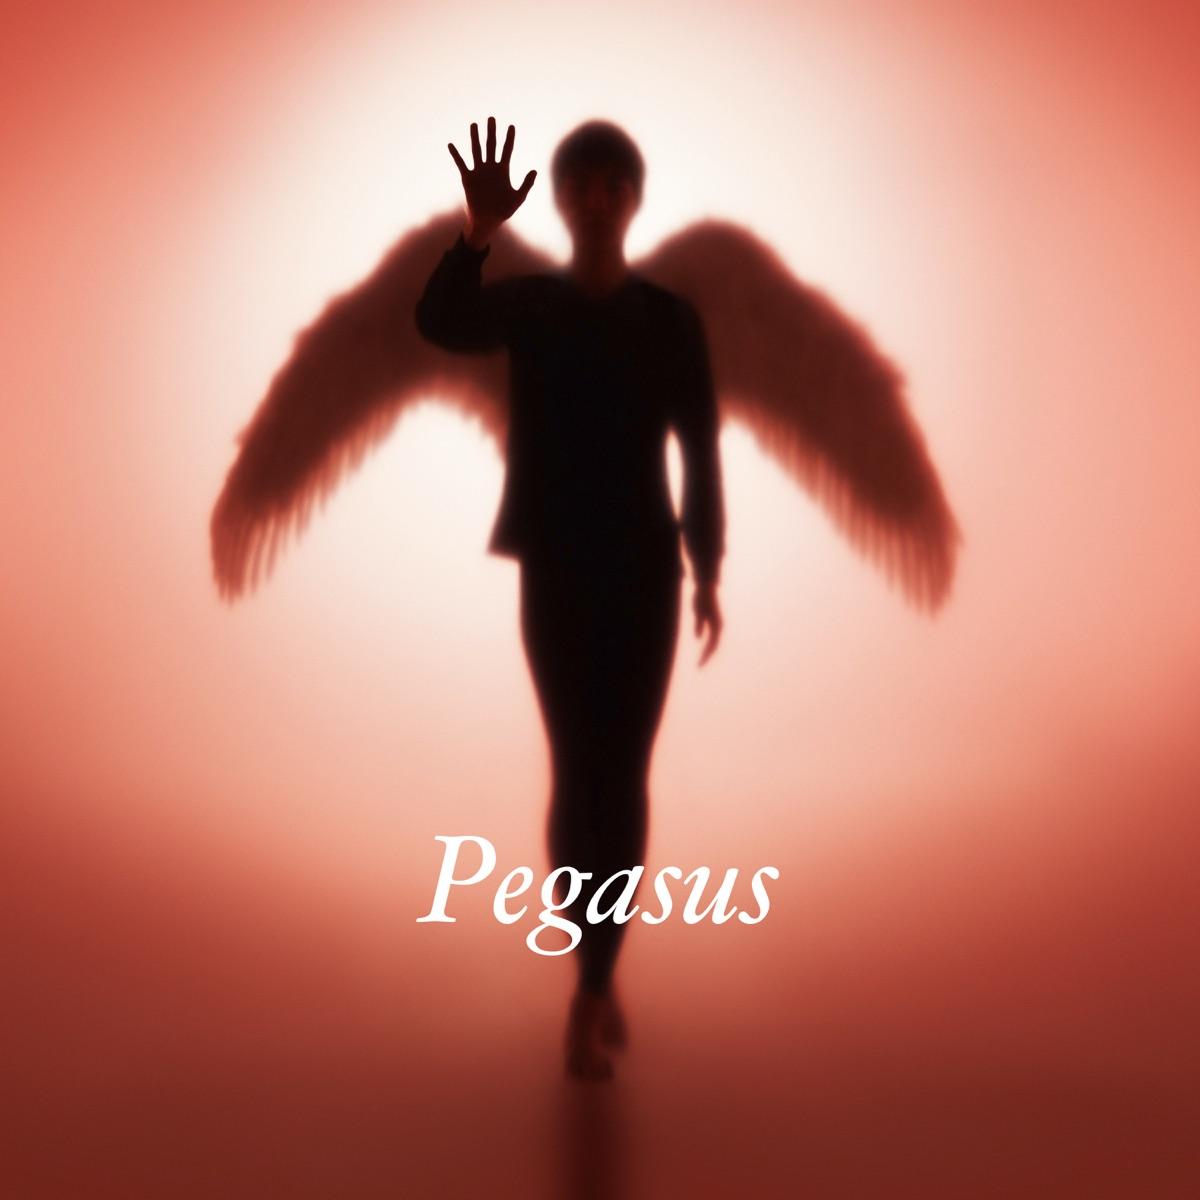 『布袋寅泰 - Pegasus』収録の『Pegasus』ジャケット